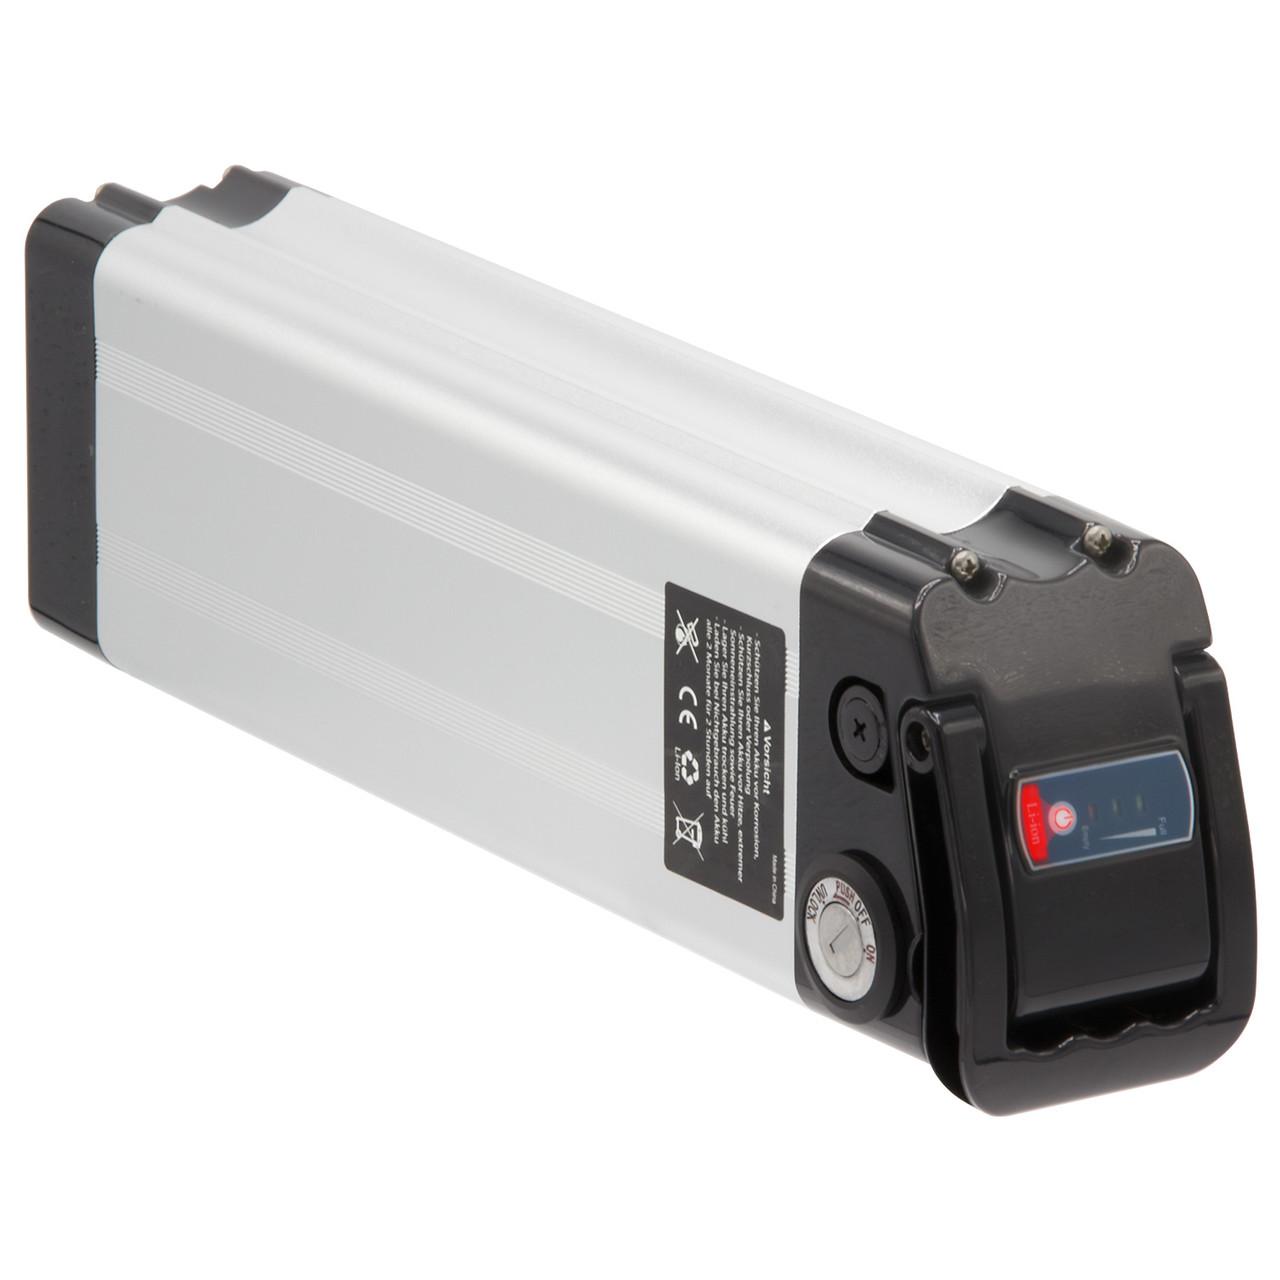 K&J Ersatzakku Batterie 37V 12Ah silber für Aldi Prophete MiFa Trio Samsung Alu-Rex Phylion NCM SWEMO – Bild 1